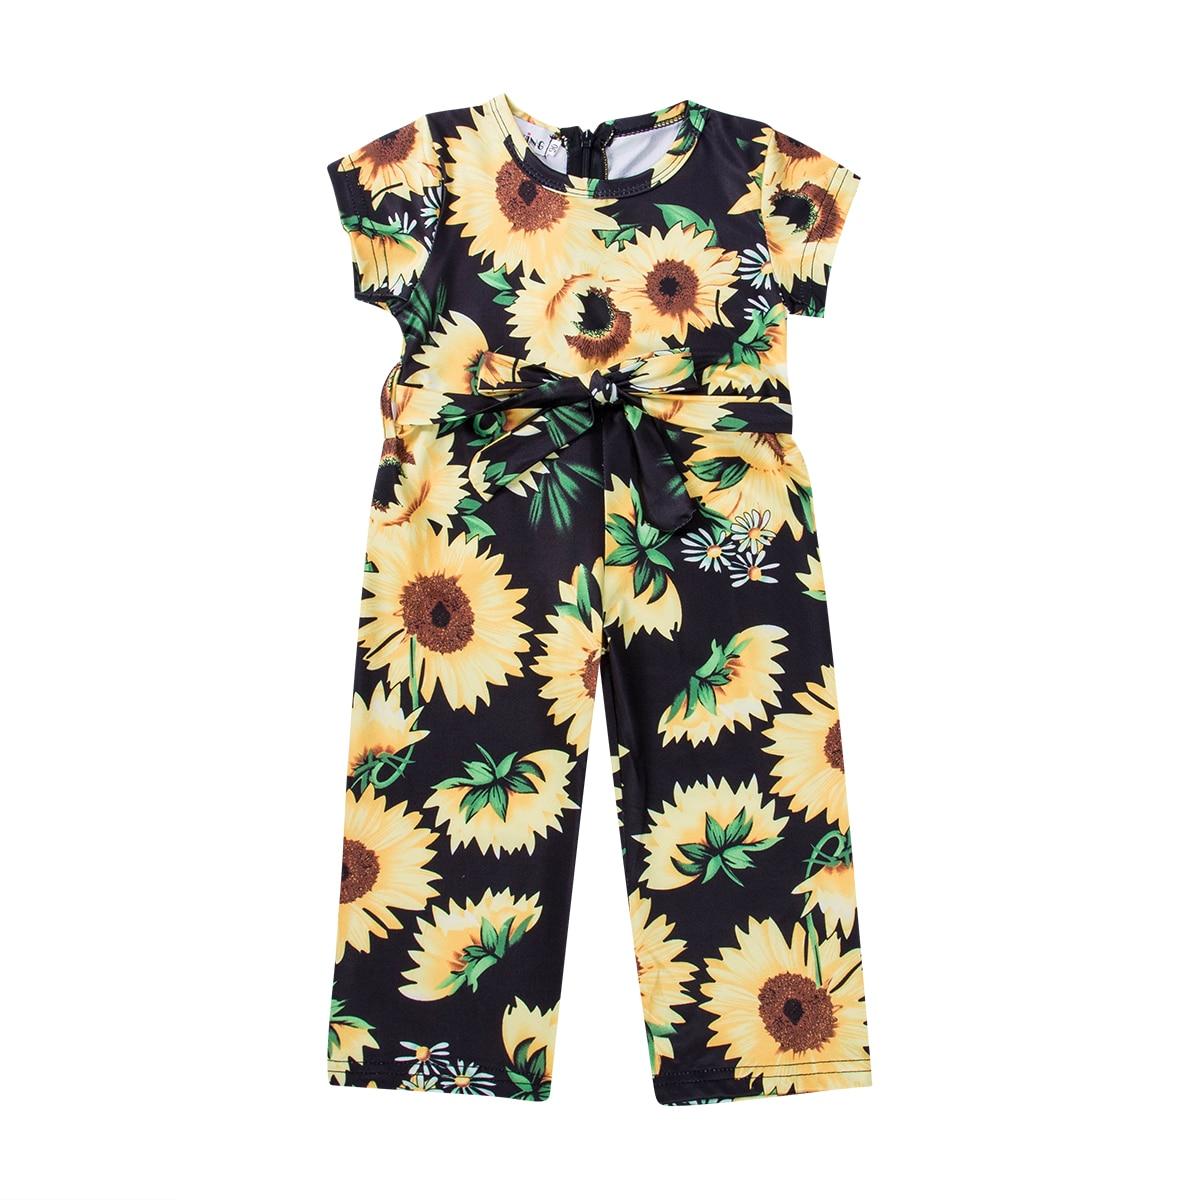 2019 летние для маленьких детей маленьких девочек Комбинезон с подсолнухом короткий рукав пояс лук принцесса комбинезон, комбинезон, пляжный...